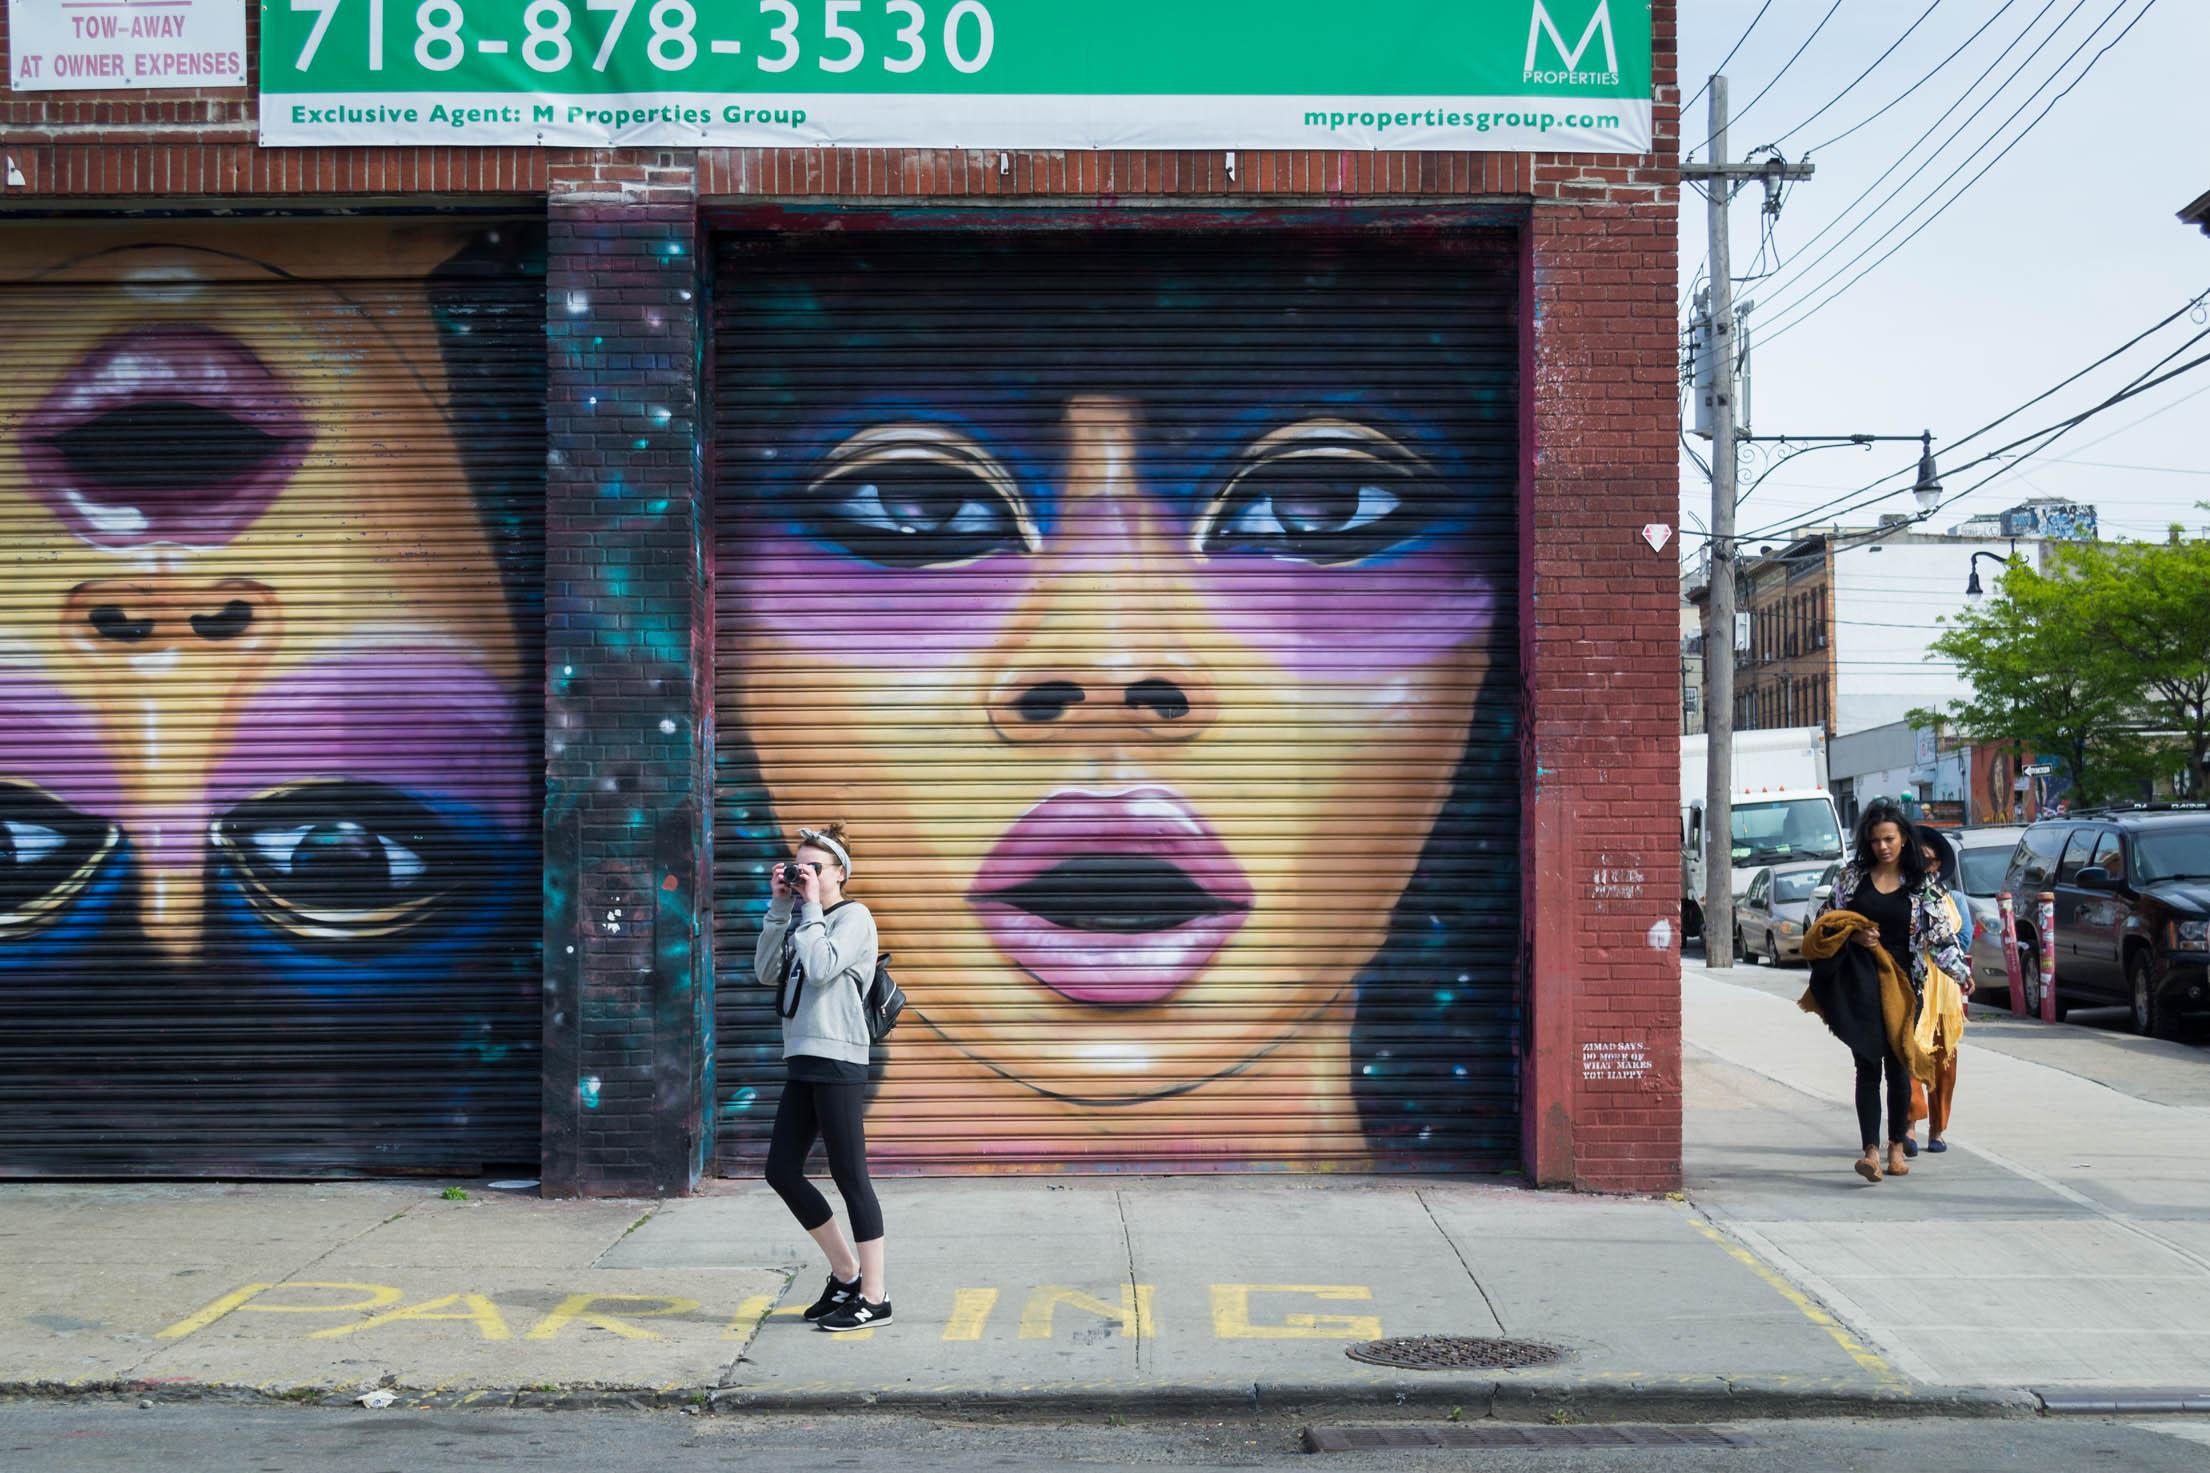 Le Street Art est omniprésent à Bushwick